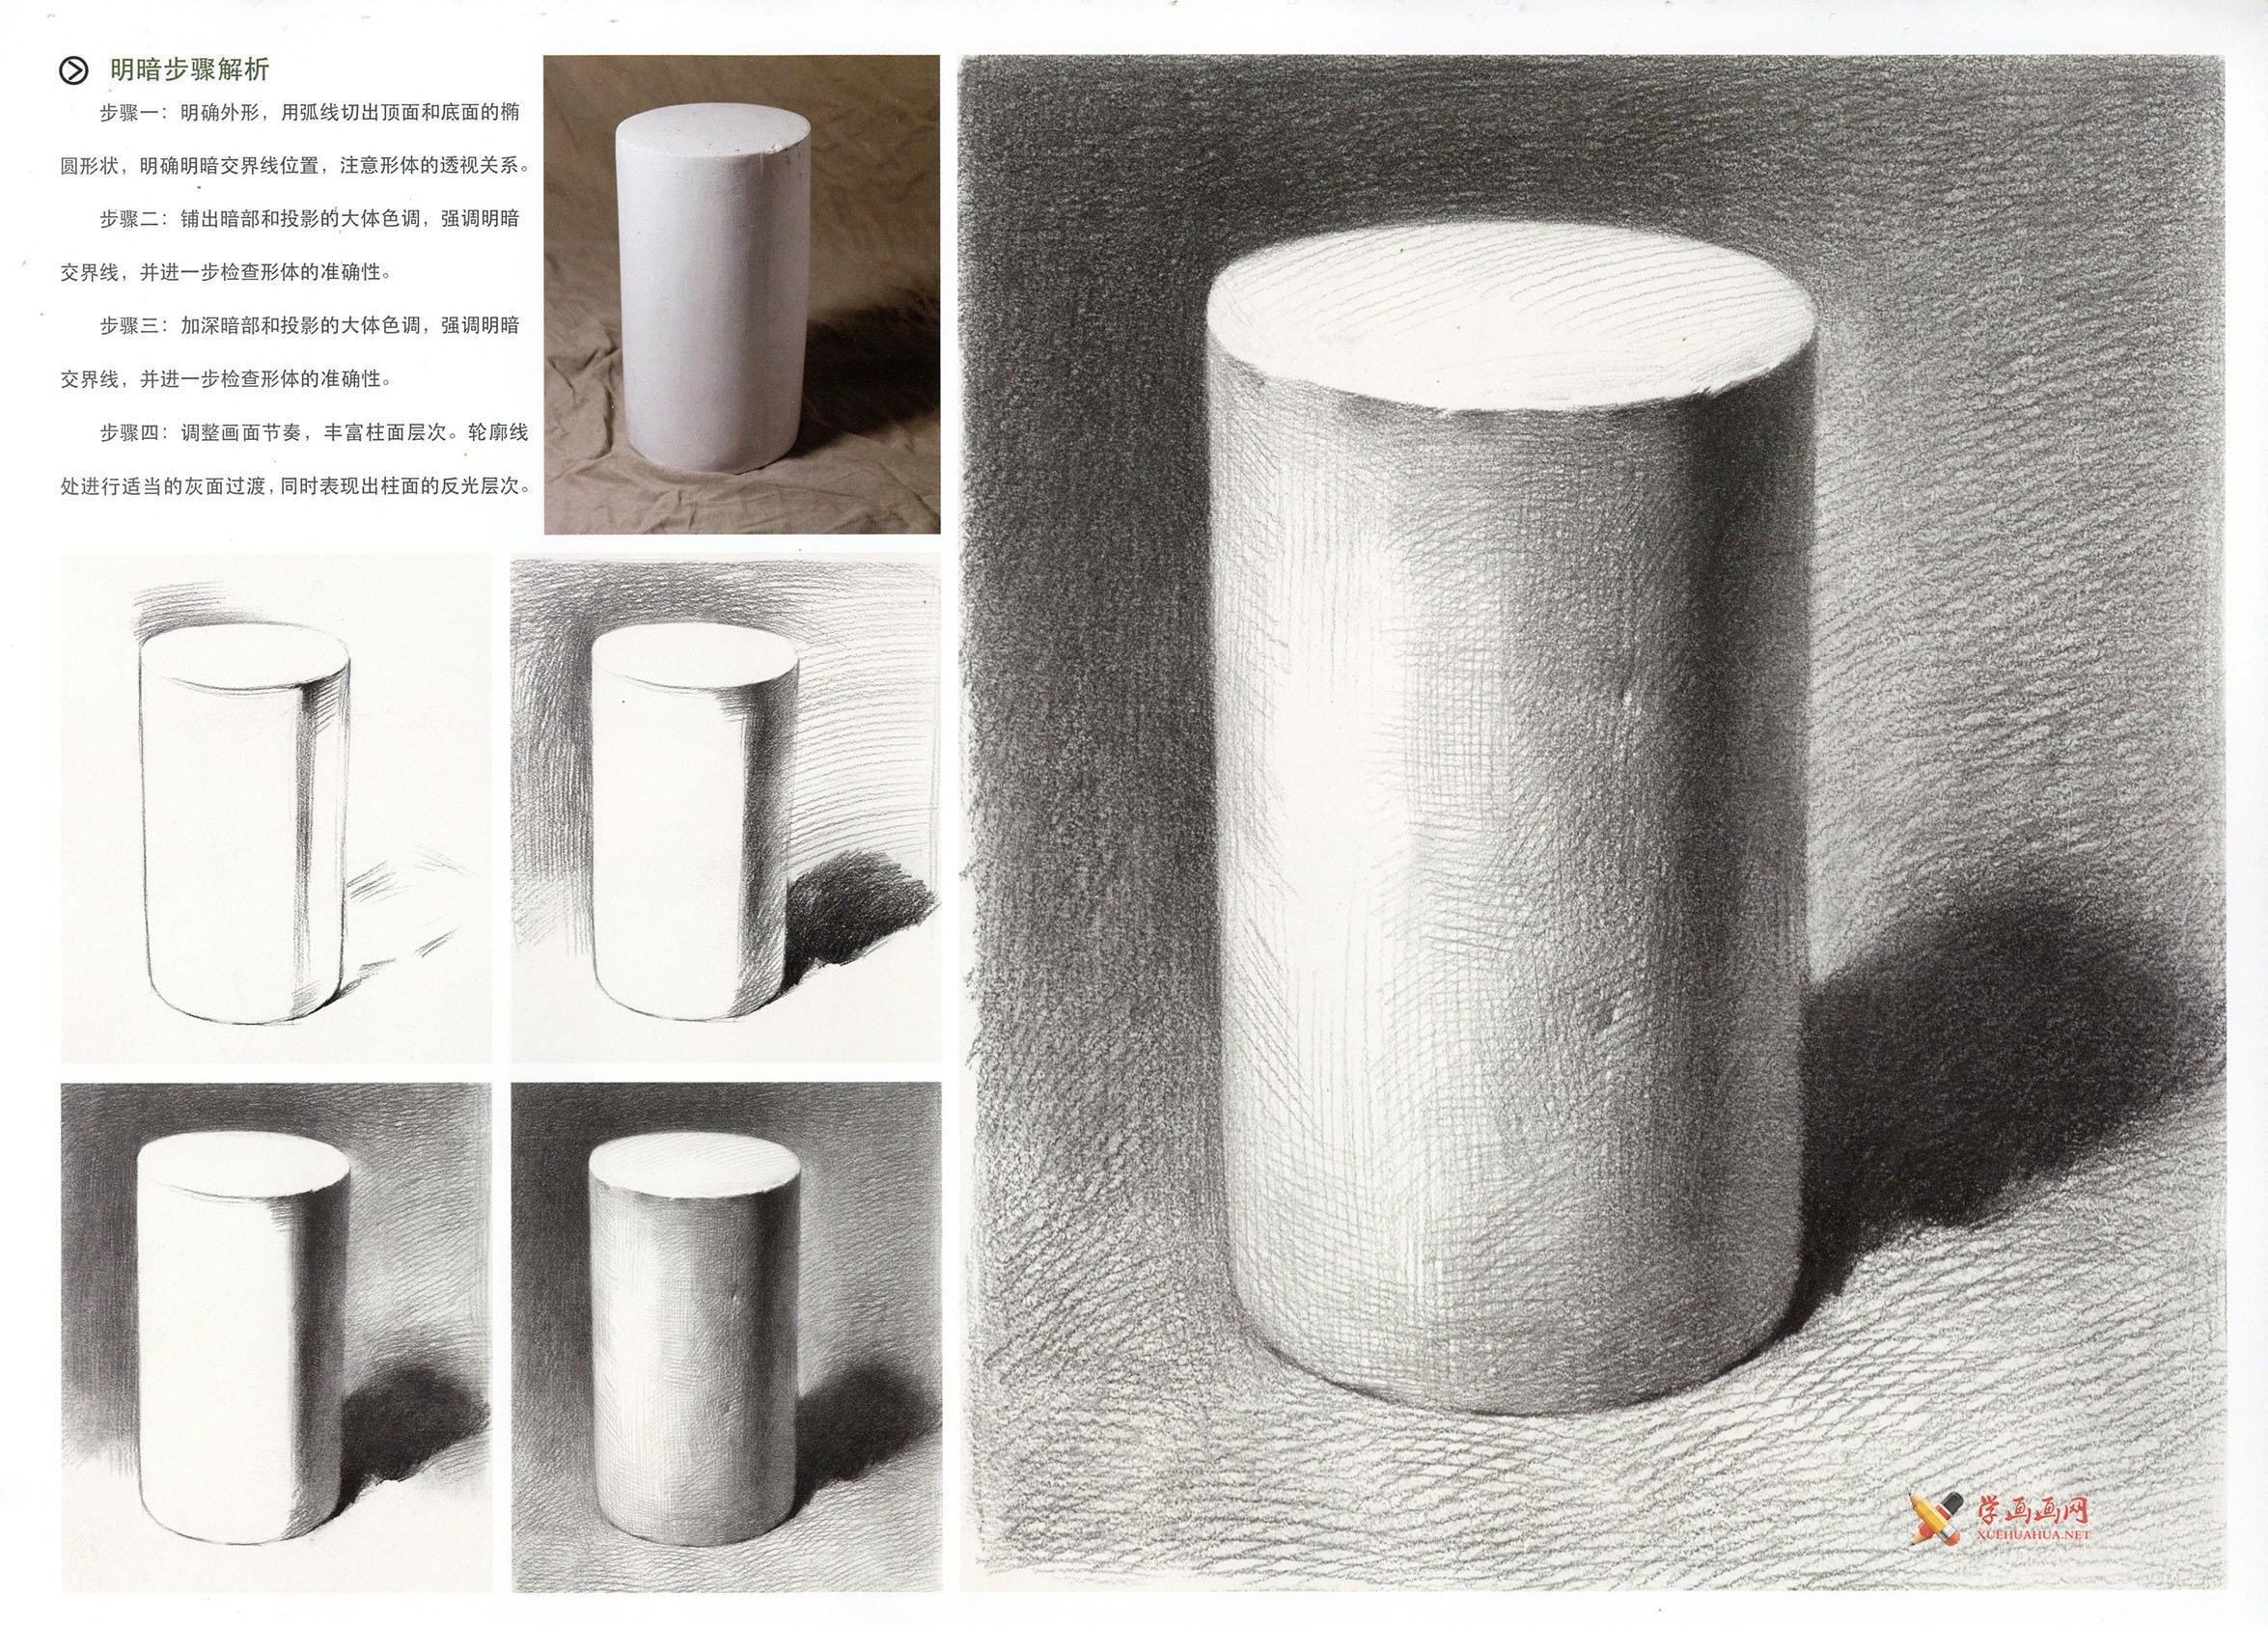 素描几何体_素描圆柱体的画法步骤教程图片(1)